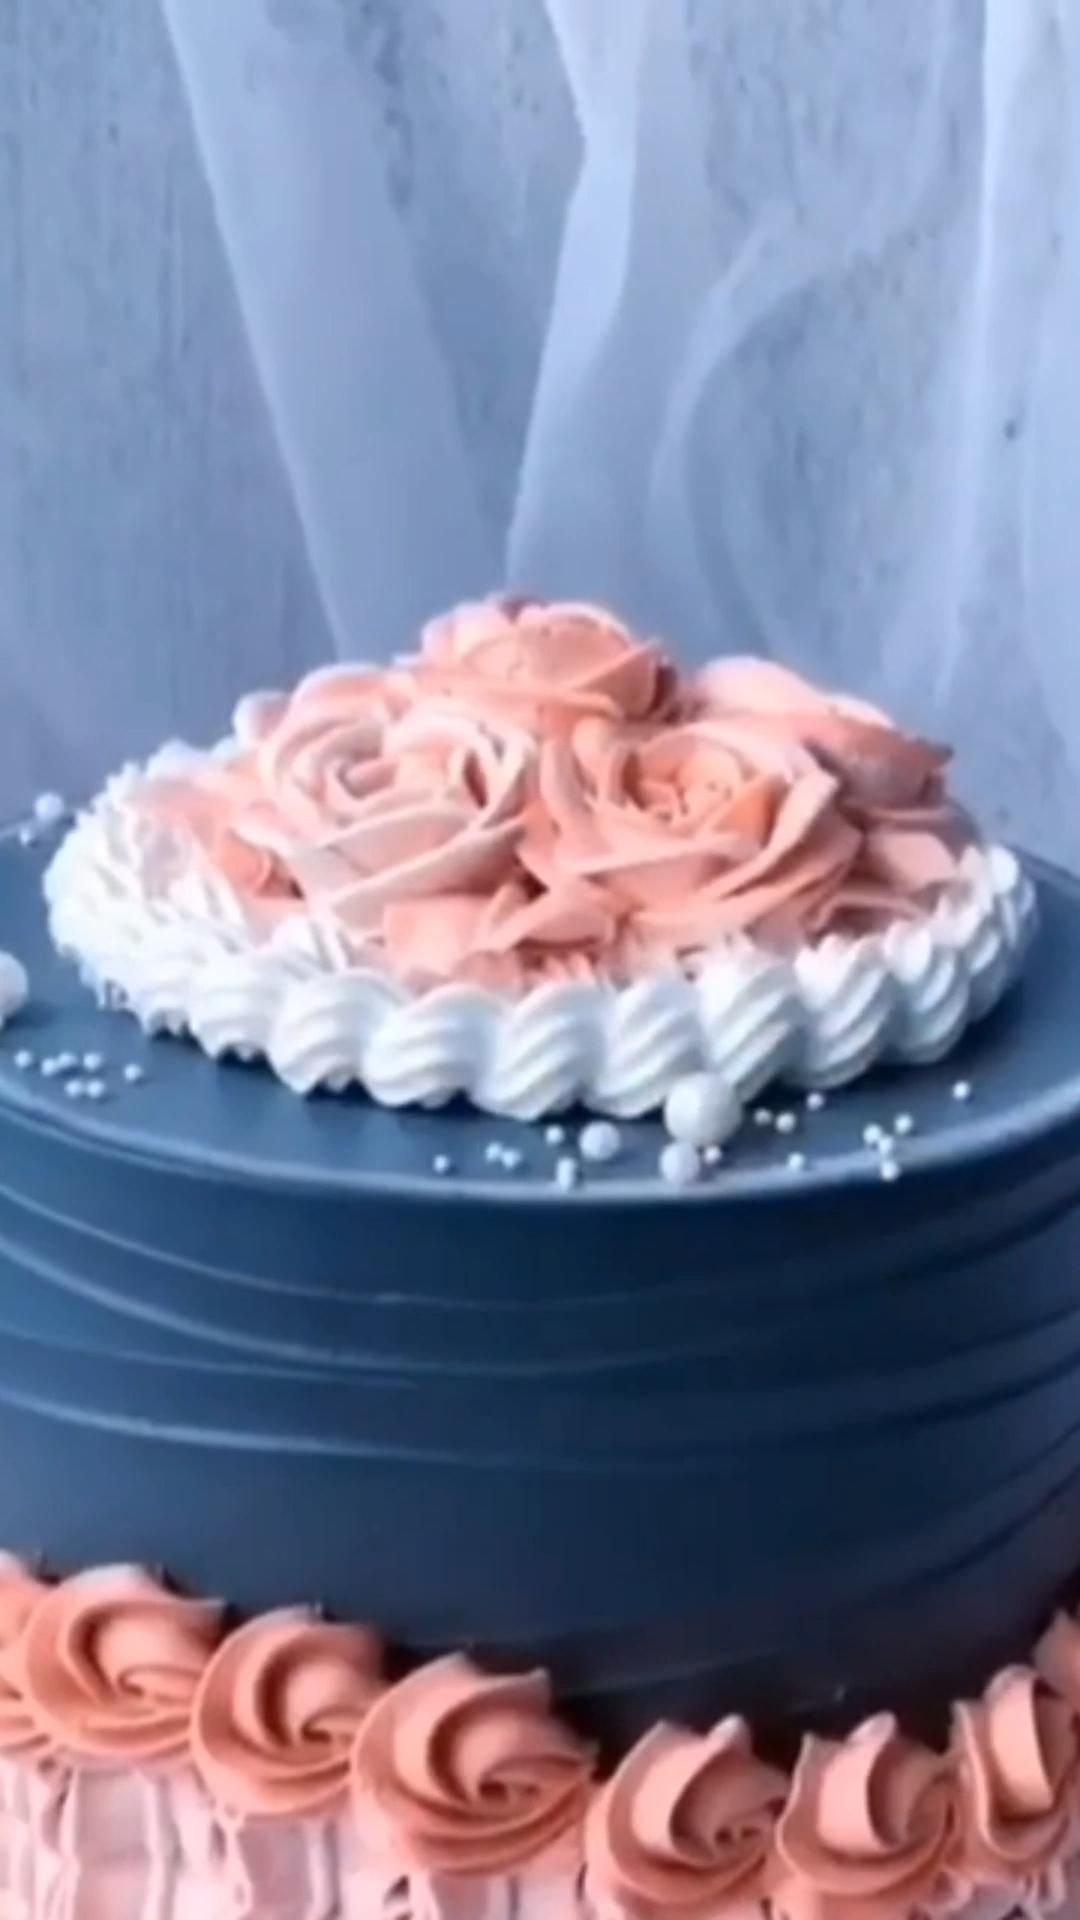 106pcs/set Cake Decorating Kit